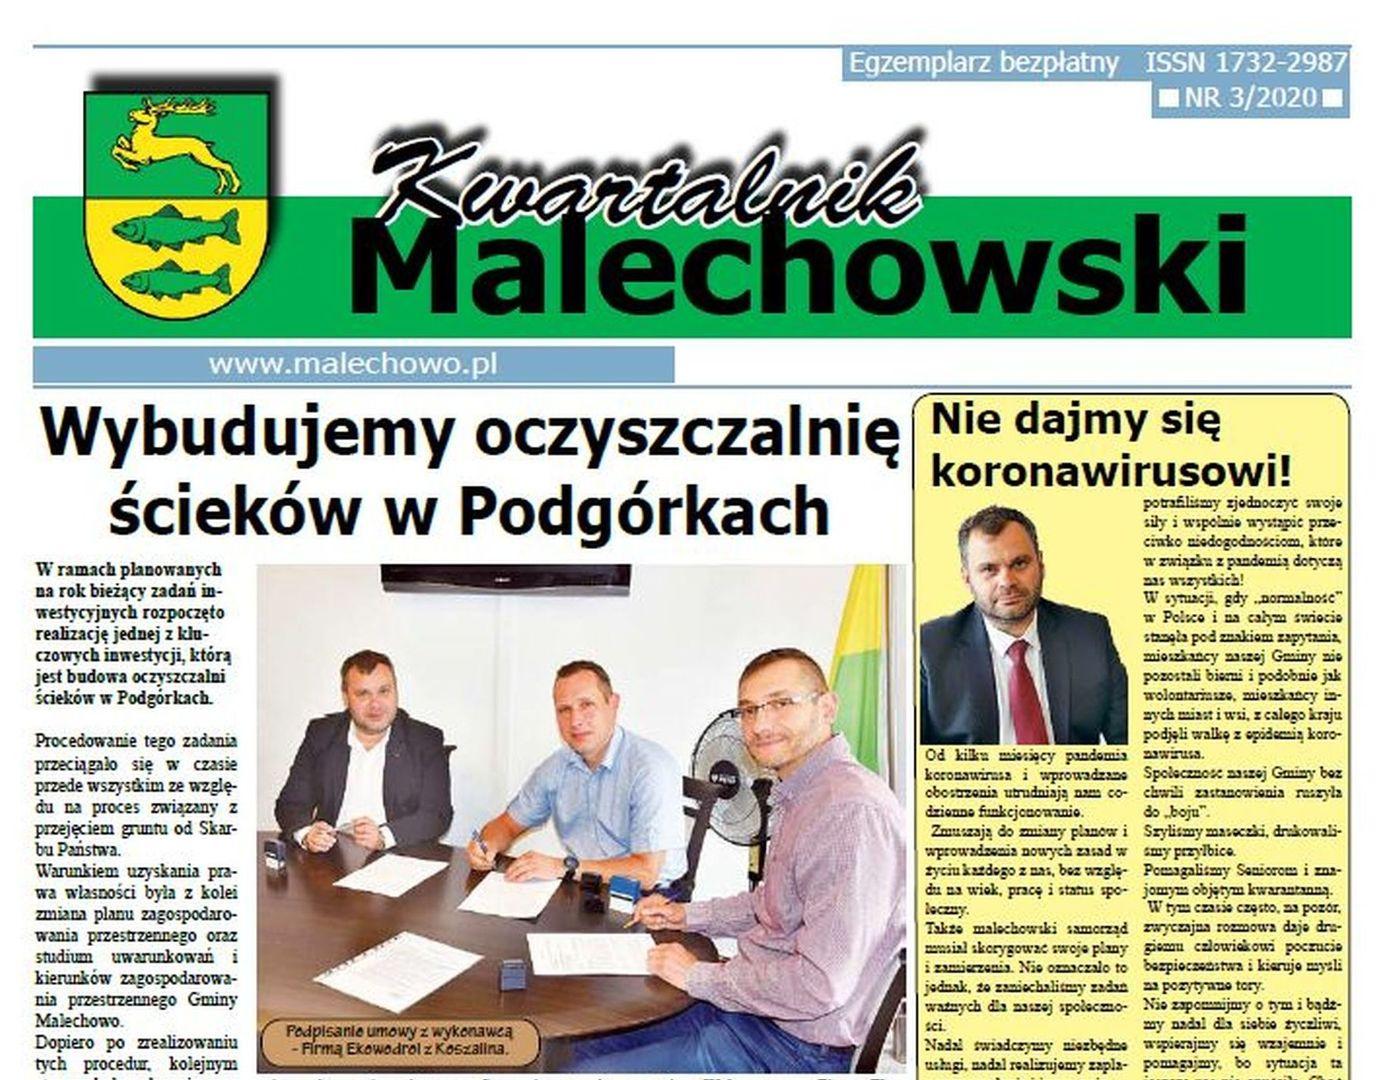 Pierwsza strona nowego numeru Kwartalnika Malechowskiego.